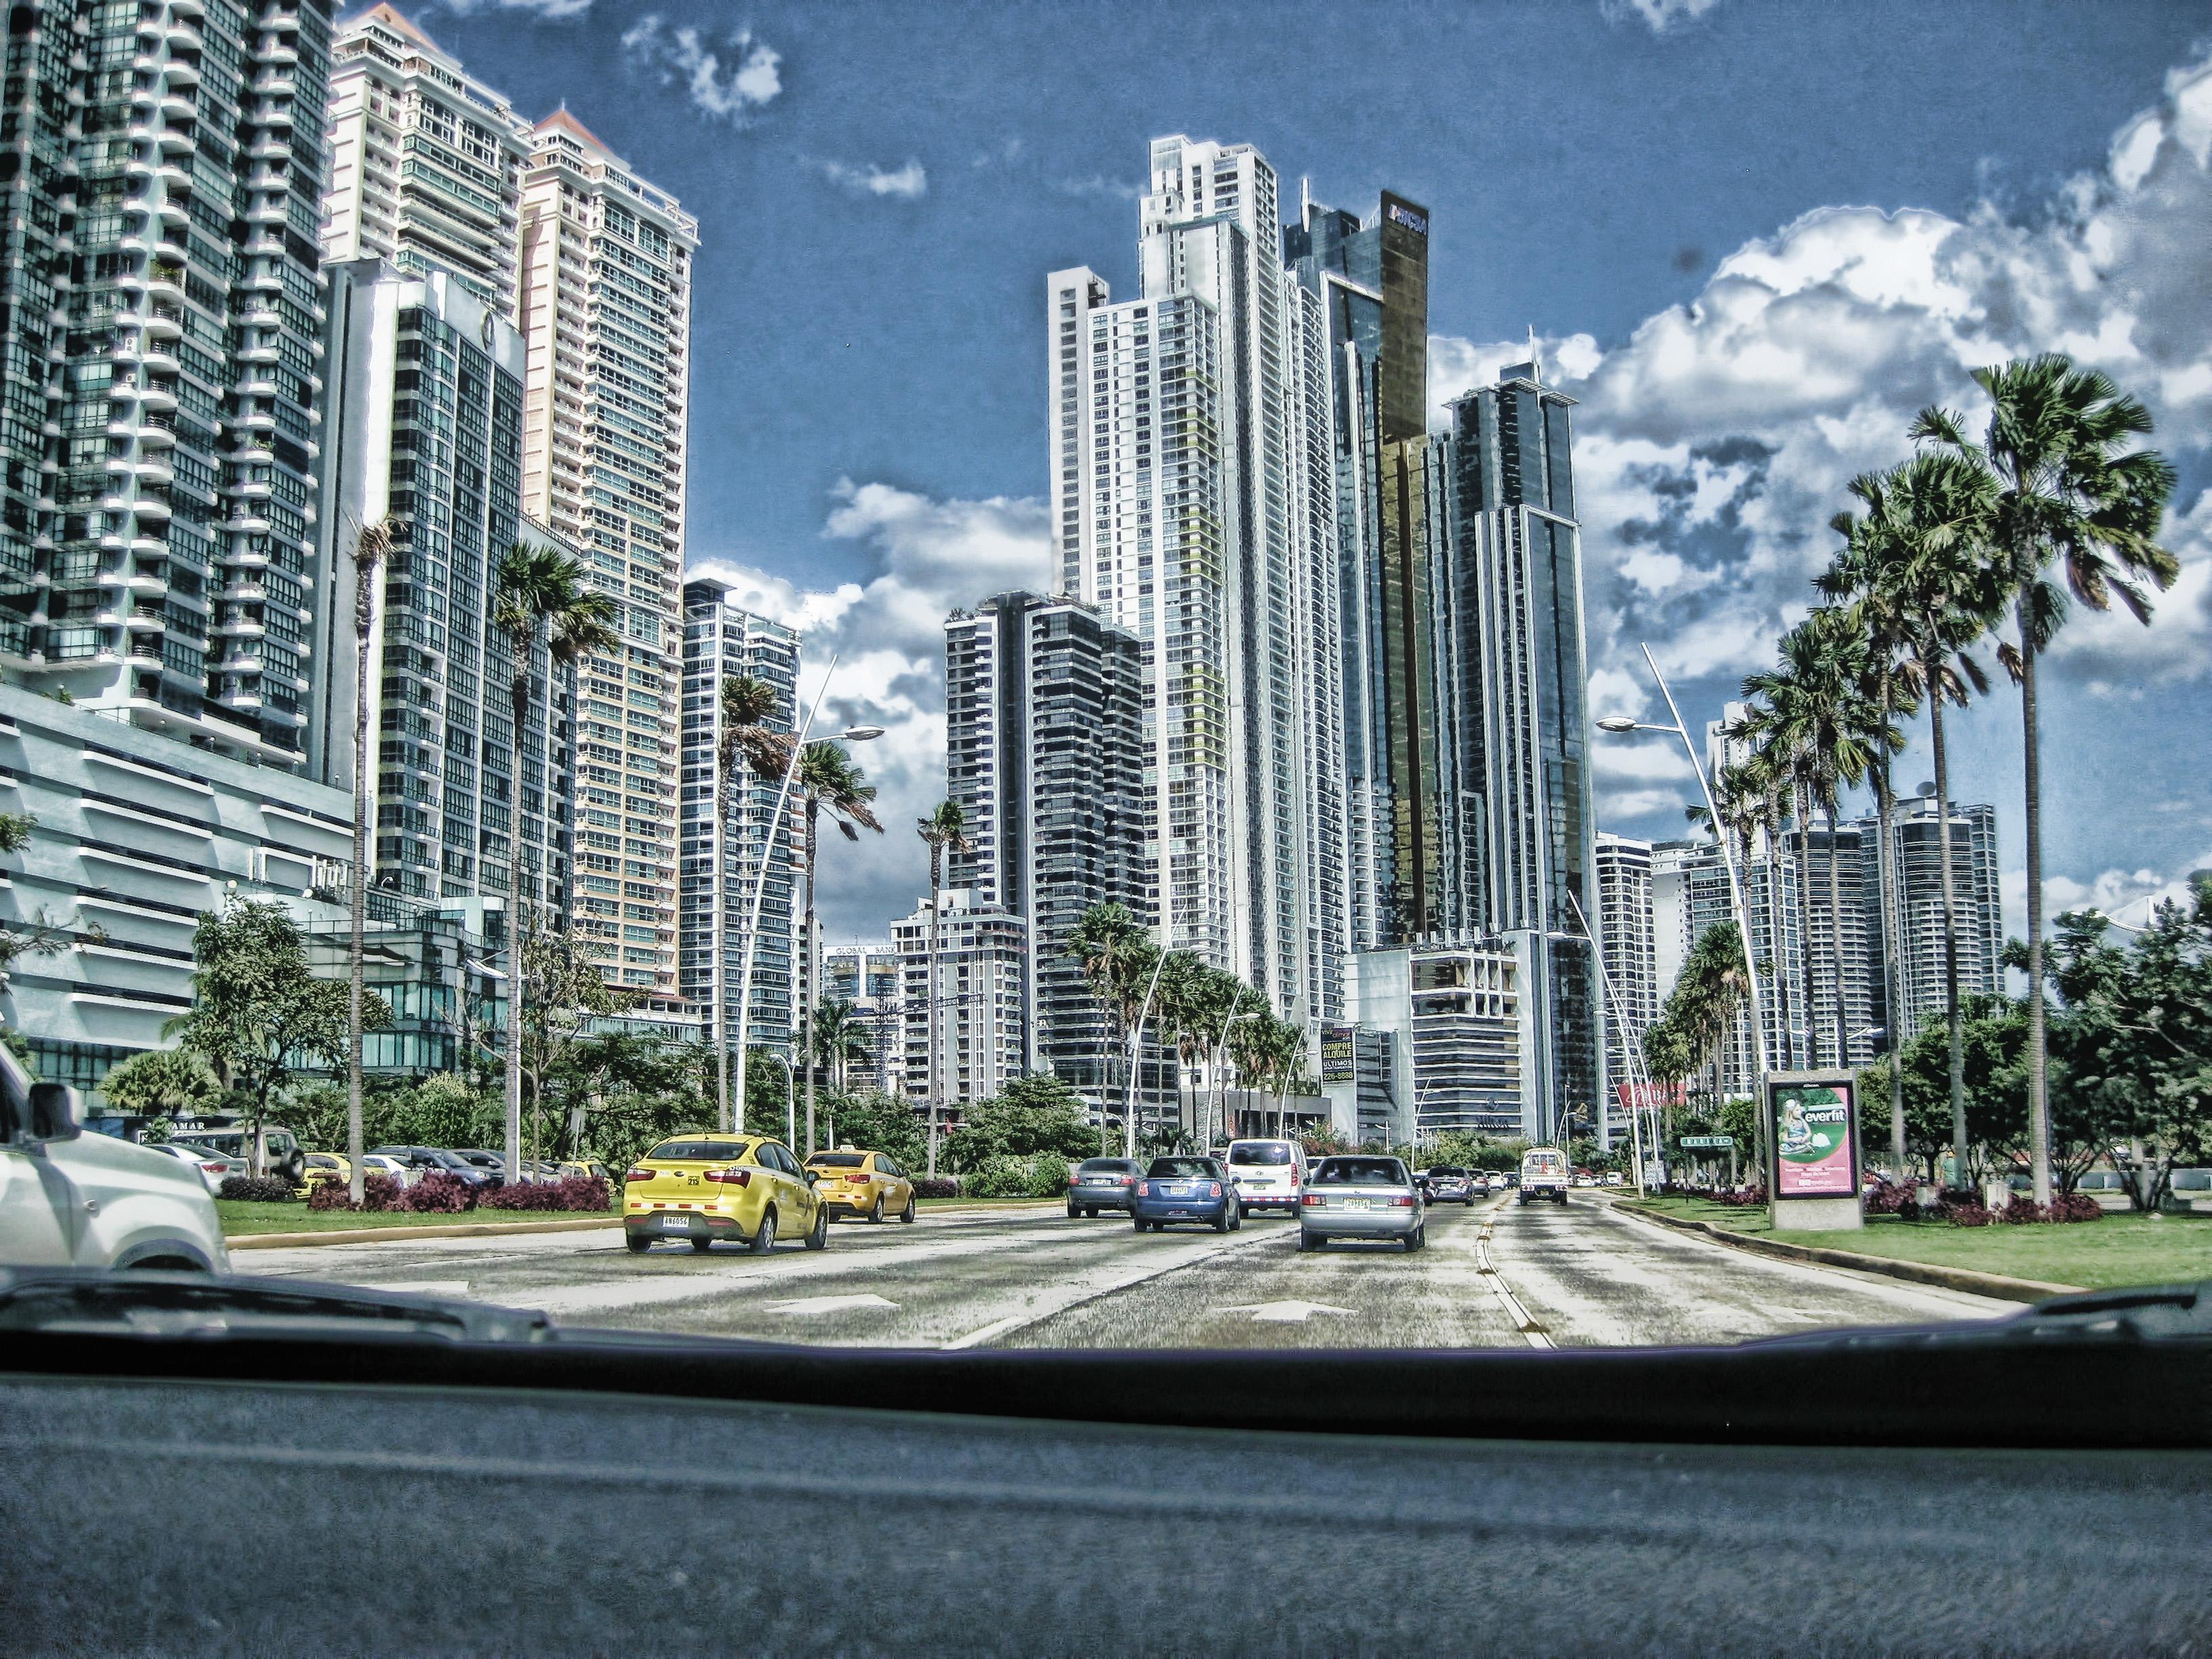 Panama city 3853